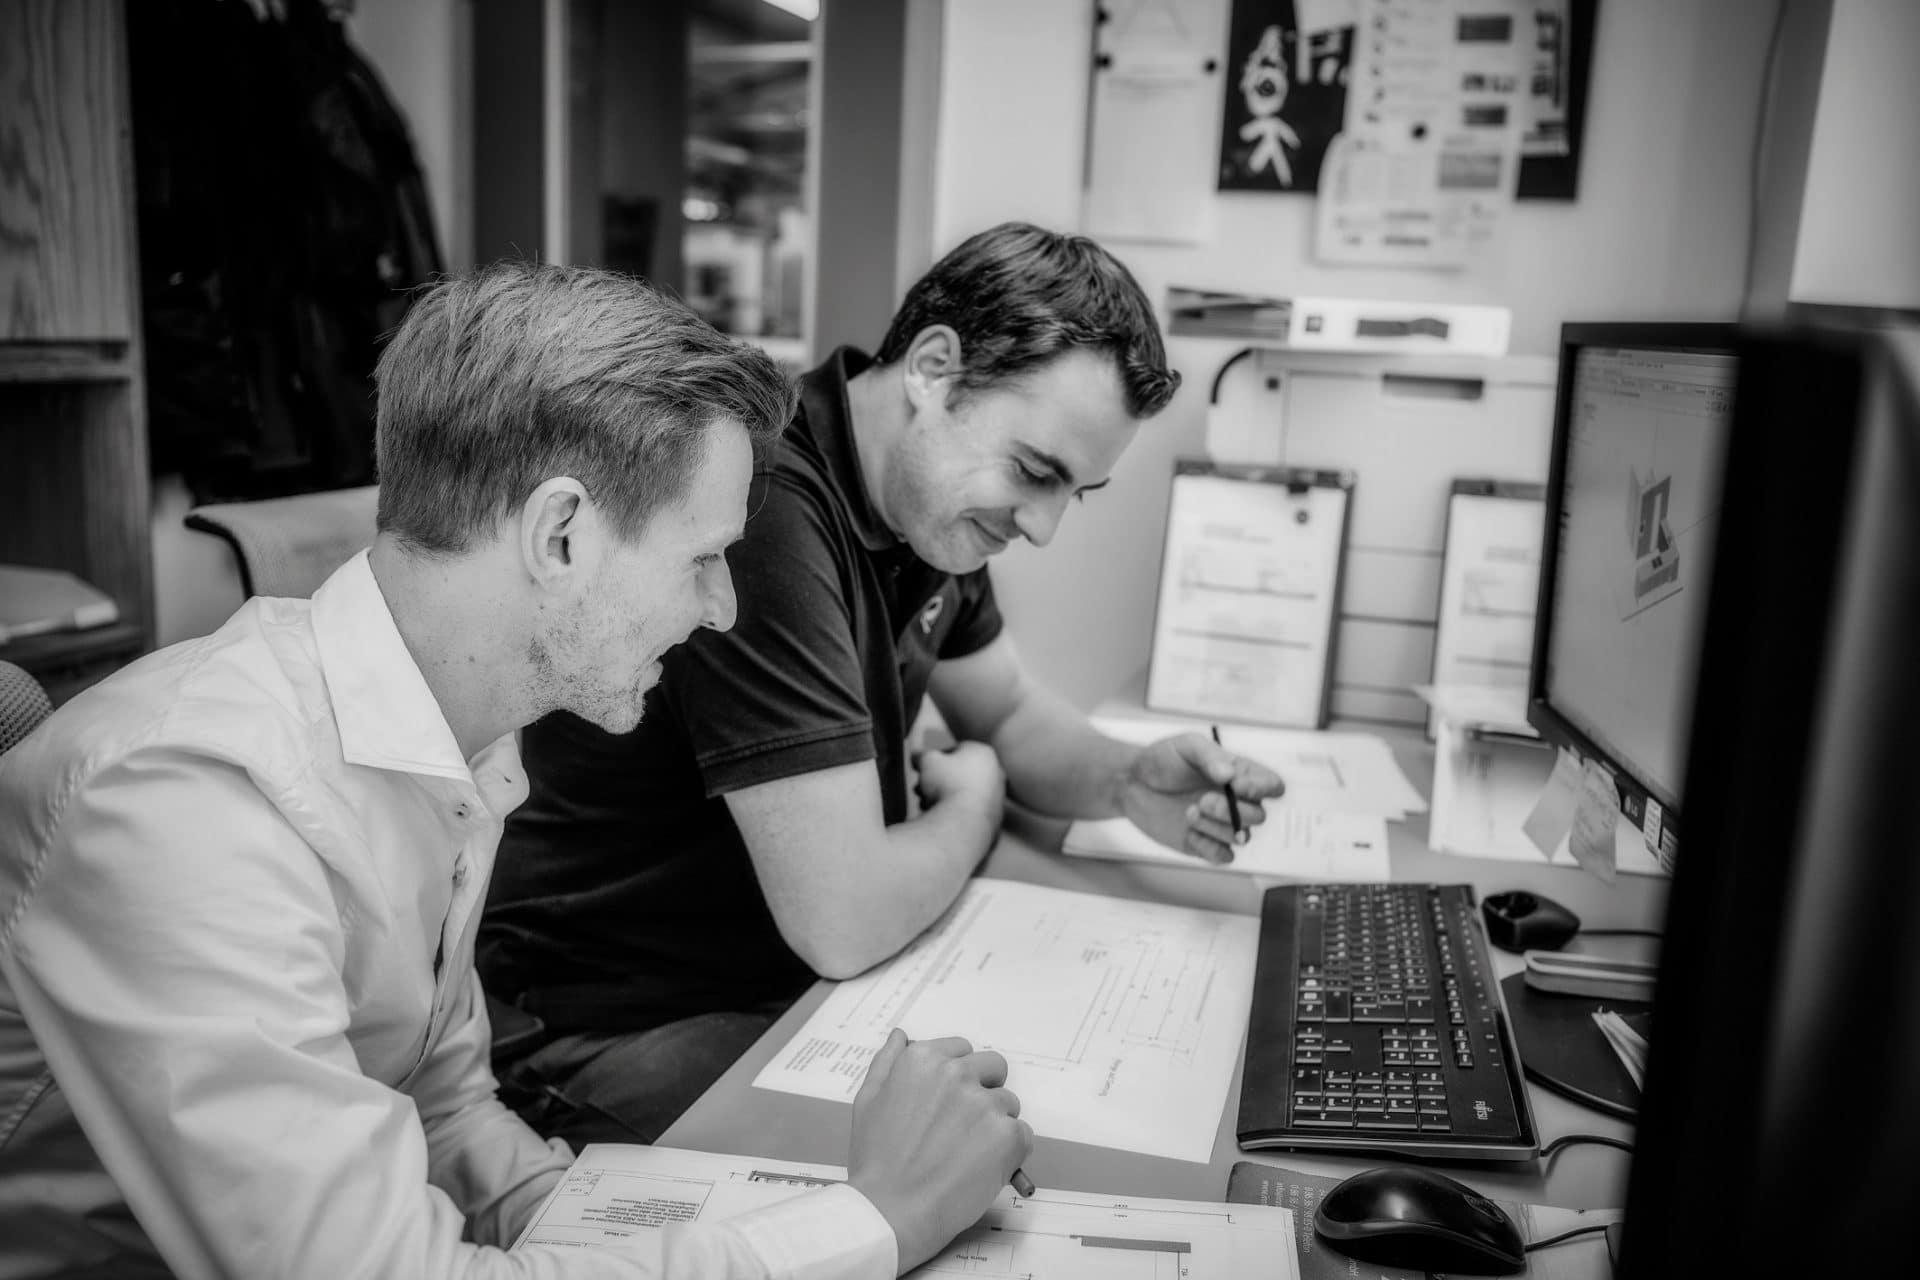 Zwei Mitarbeiter des Planungsbüros VOIT konzipieren eine maßgeschneiderte Einbaulösung